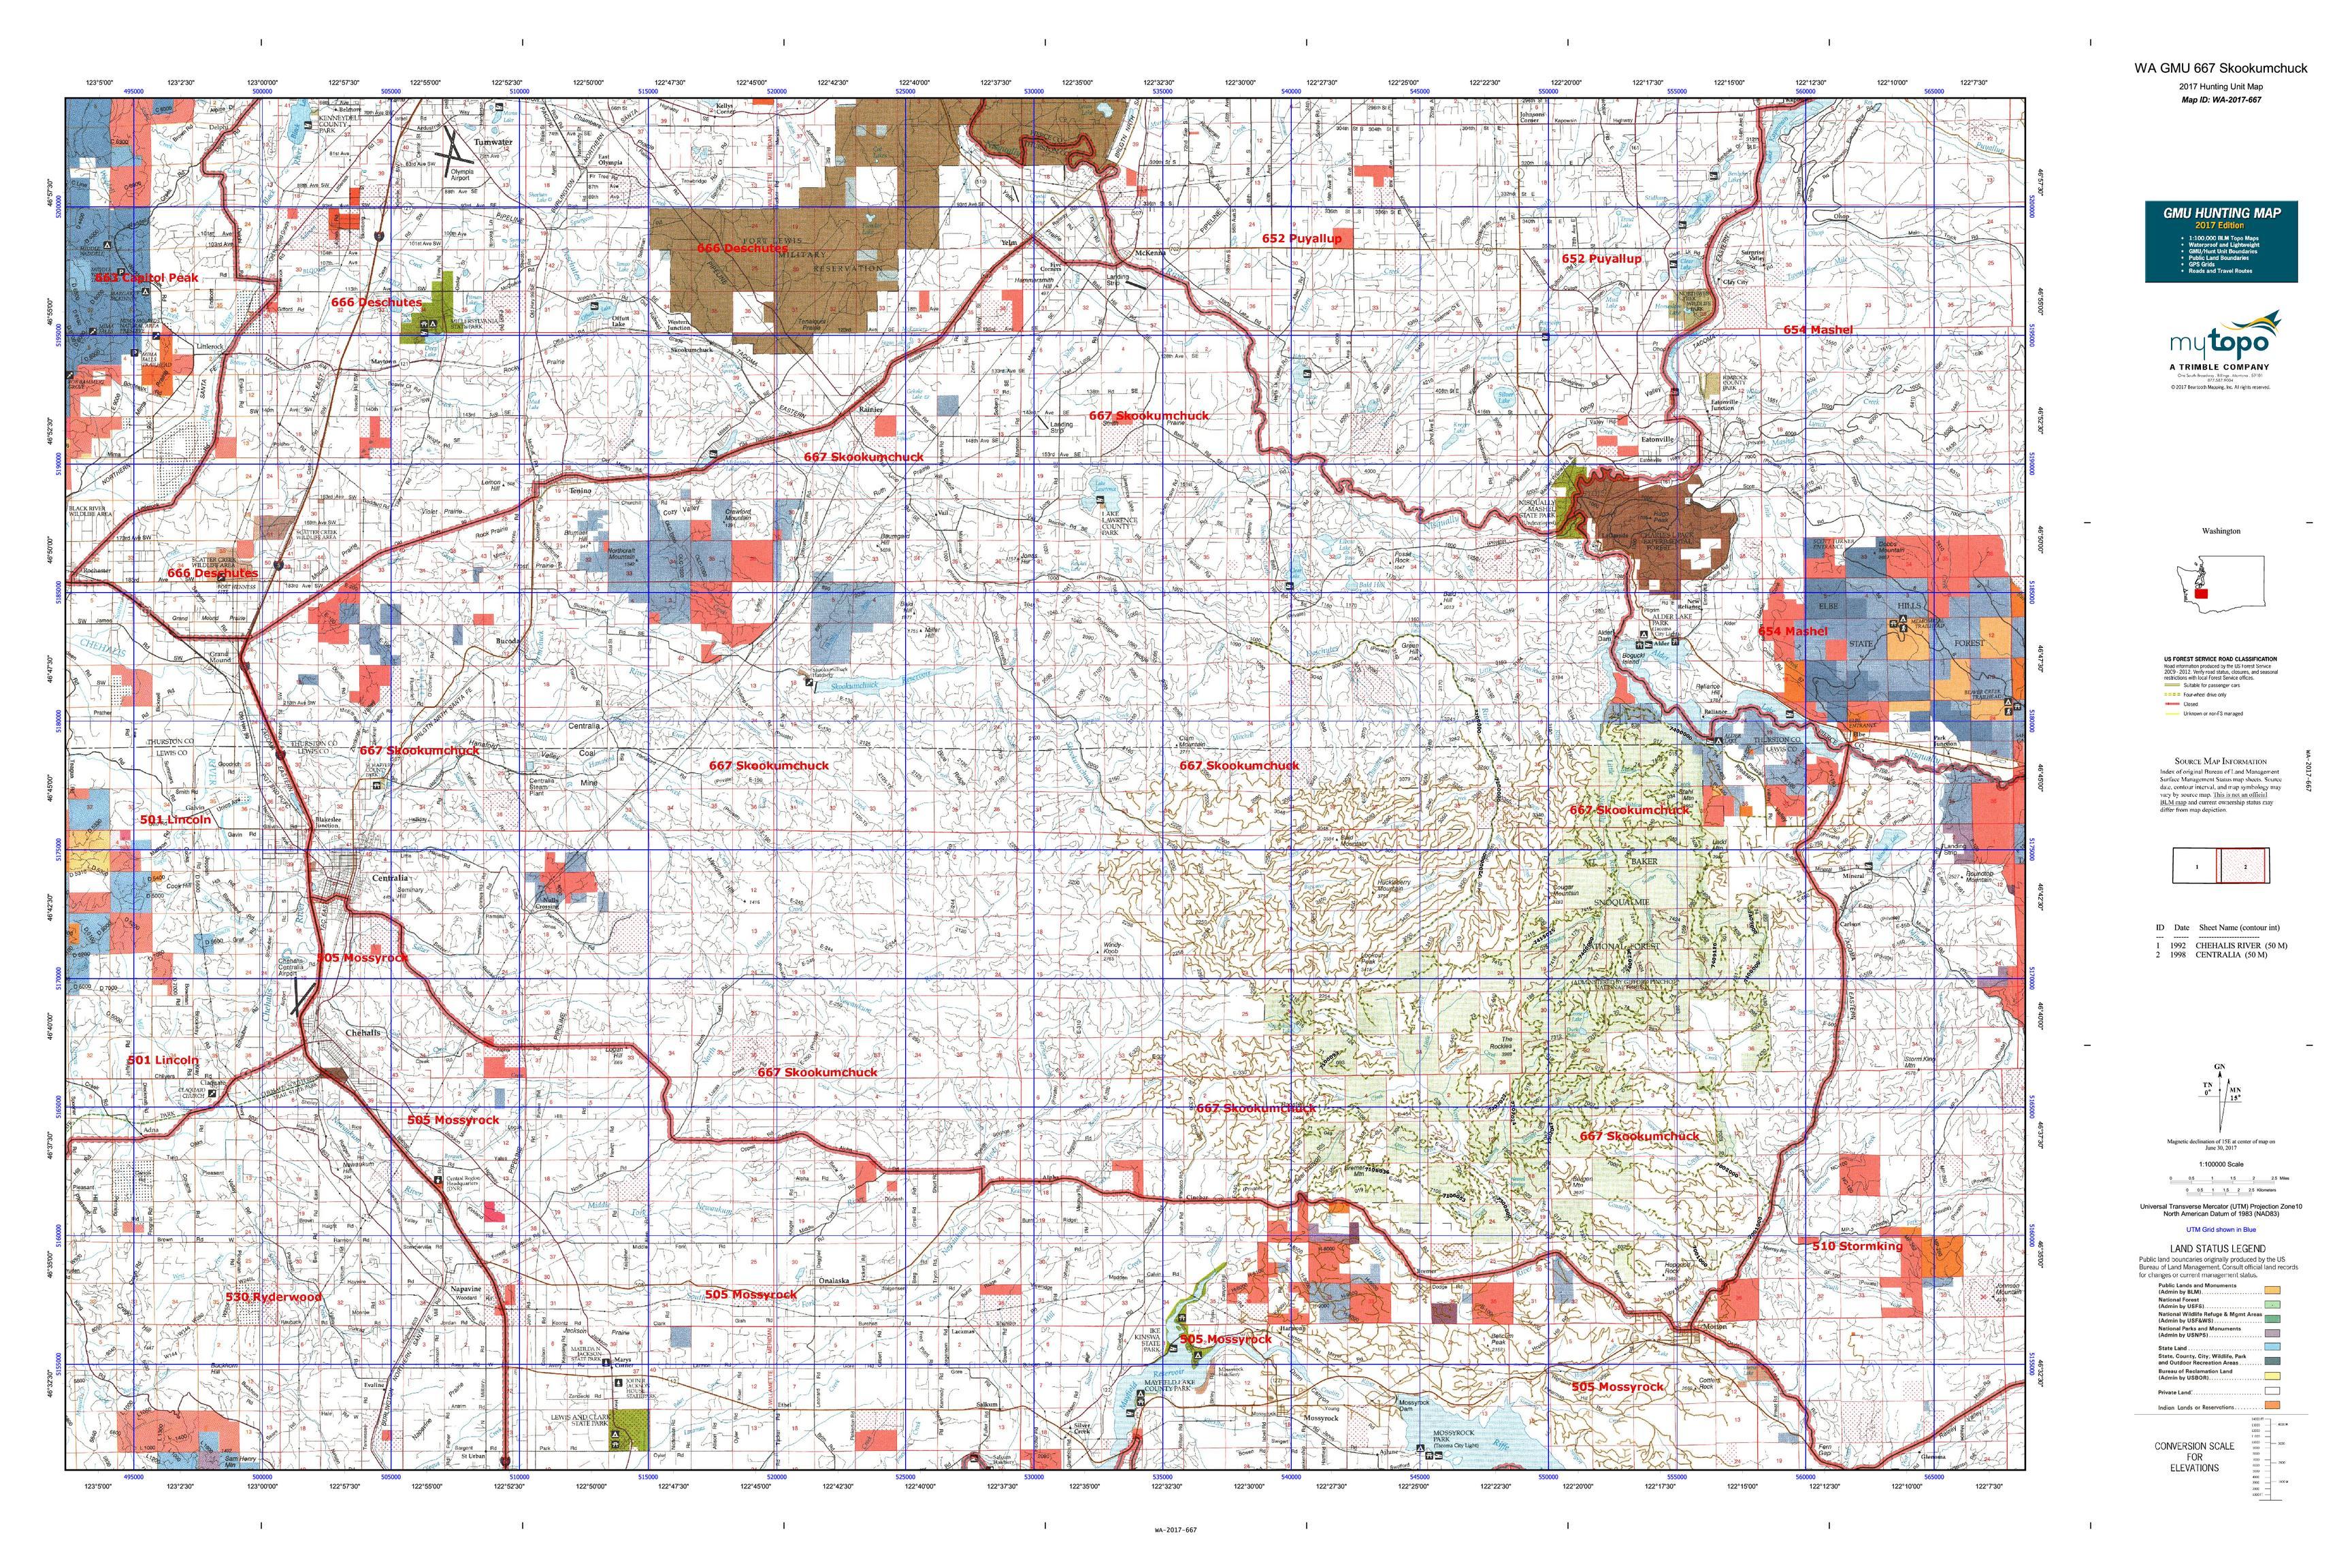 WA GMU 667 Skookumchuck Map